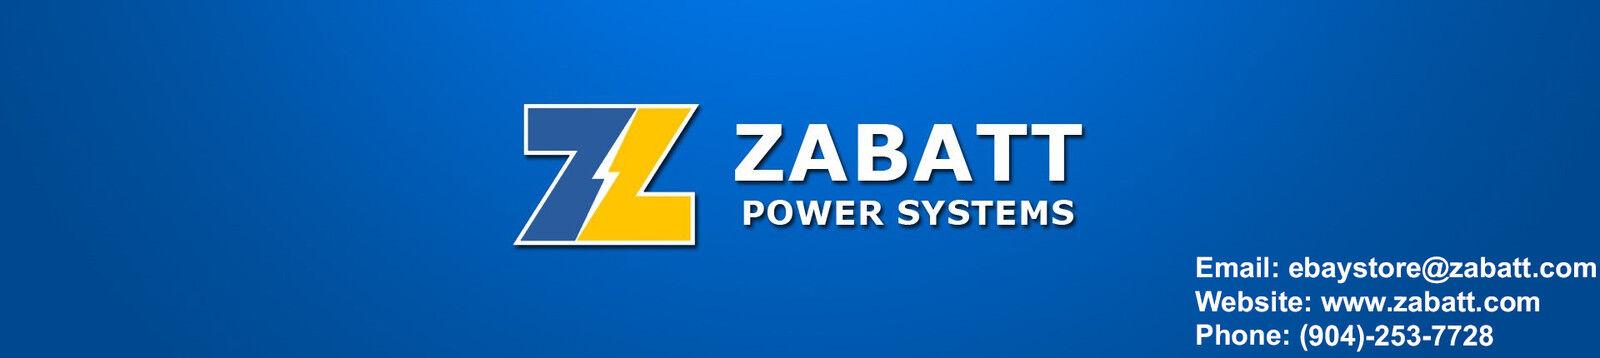 Zabatt Power Systems